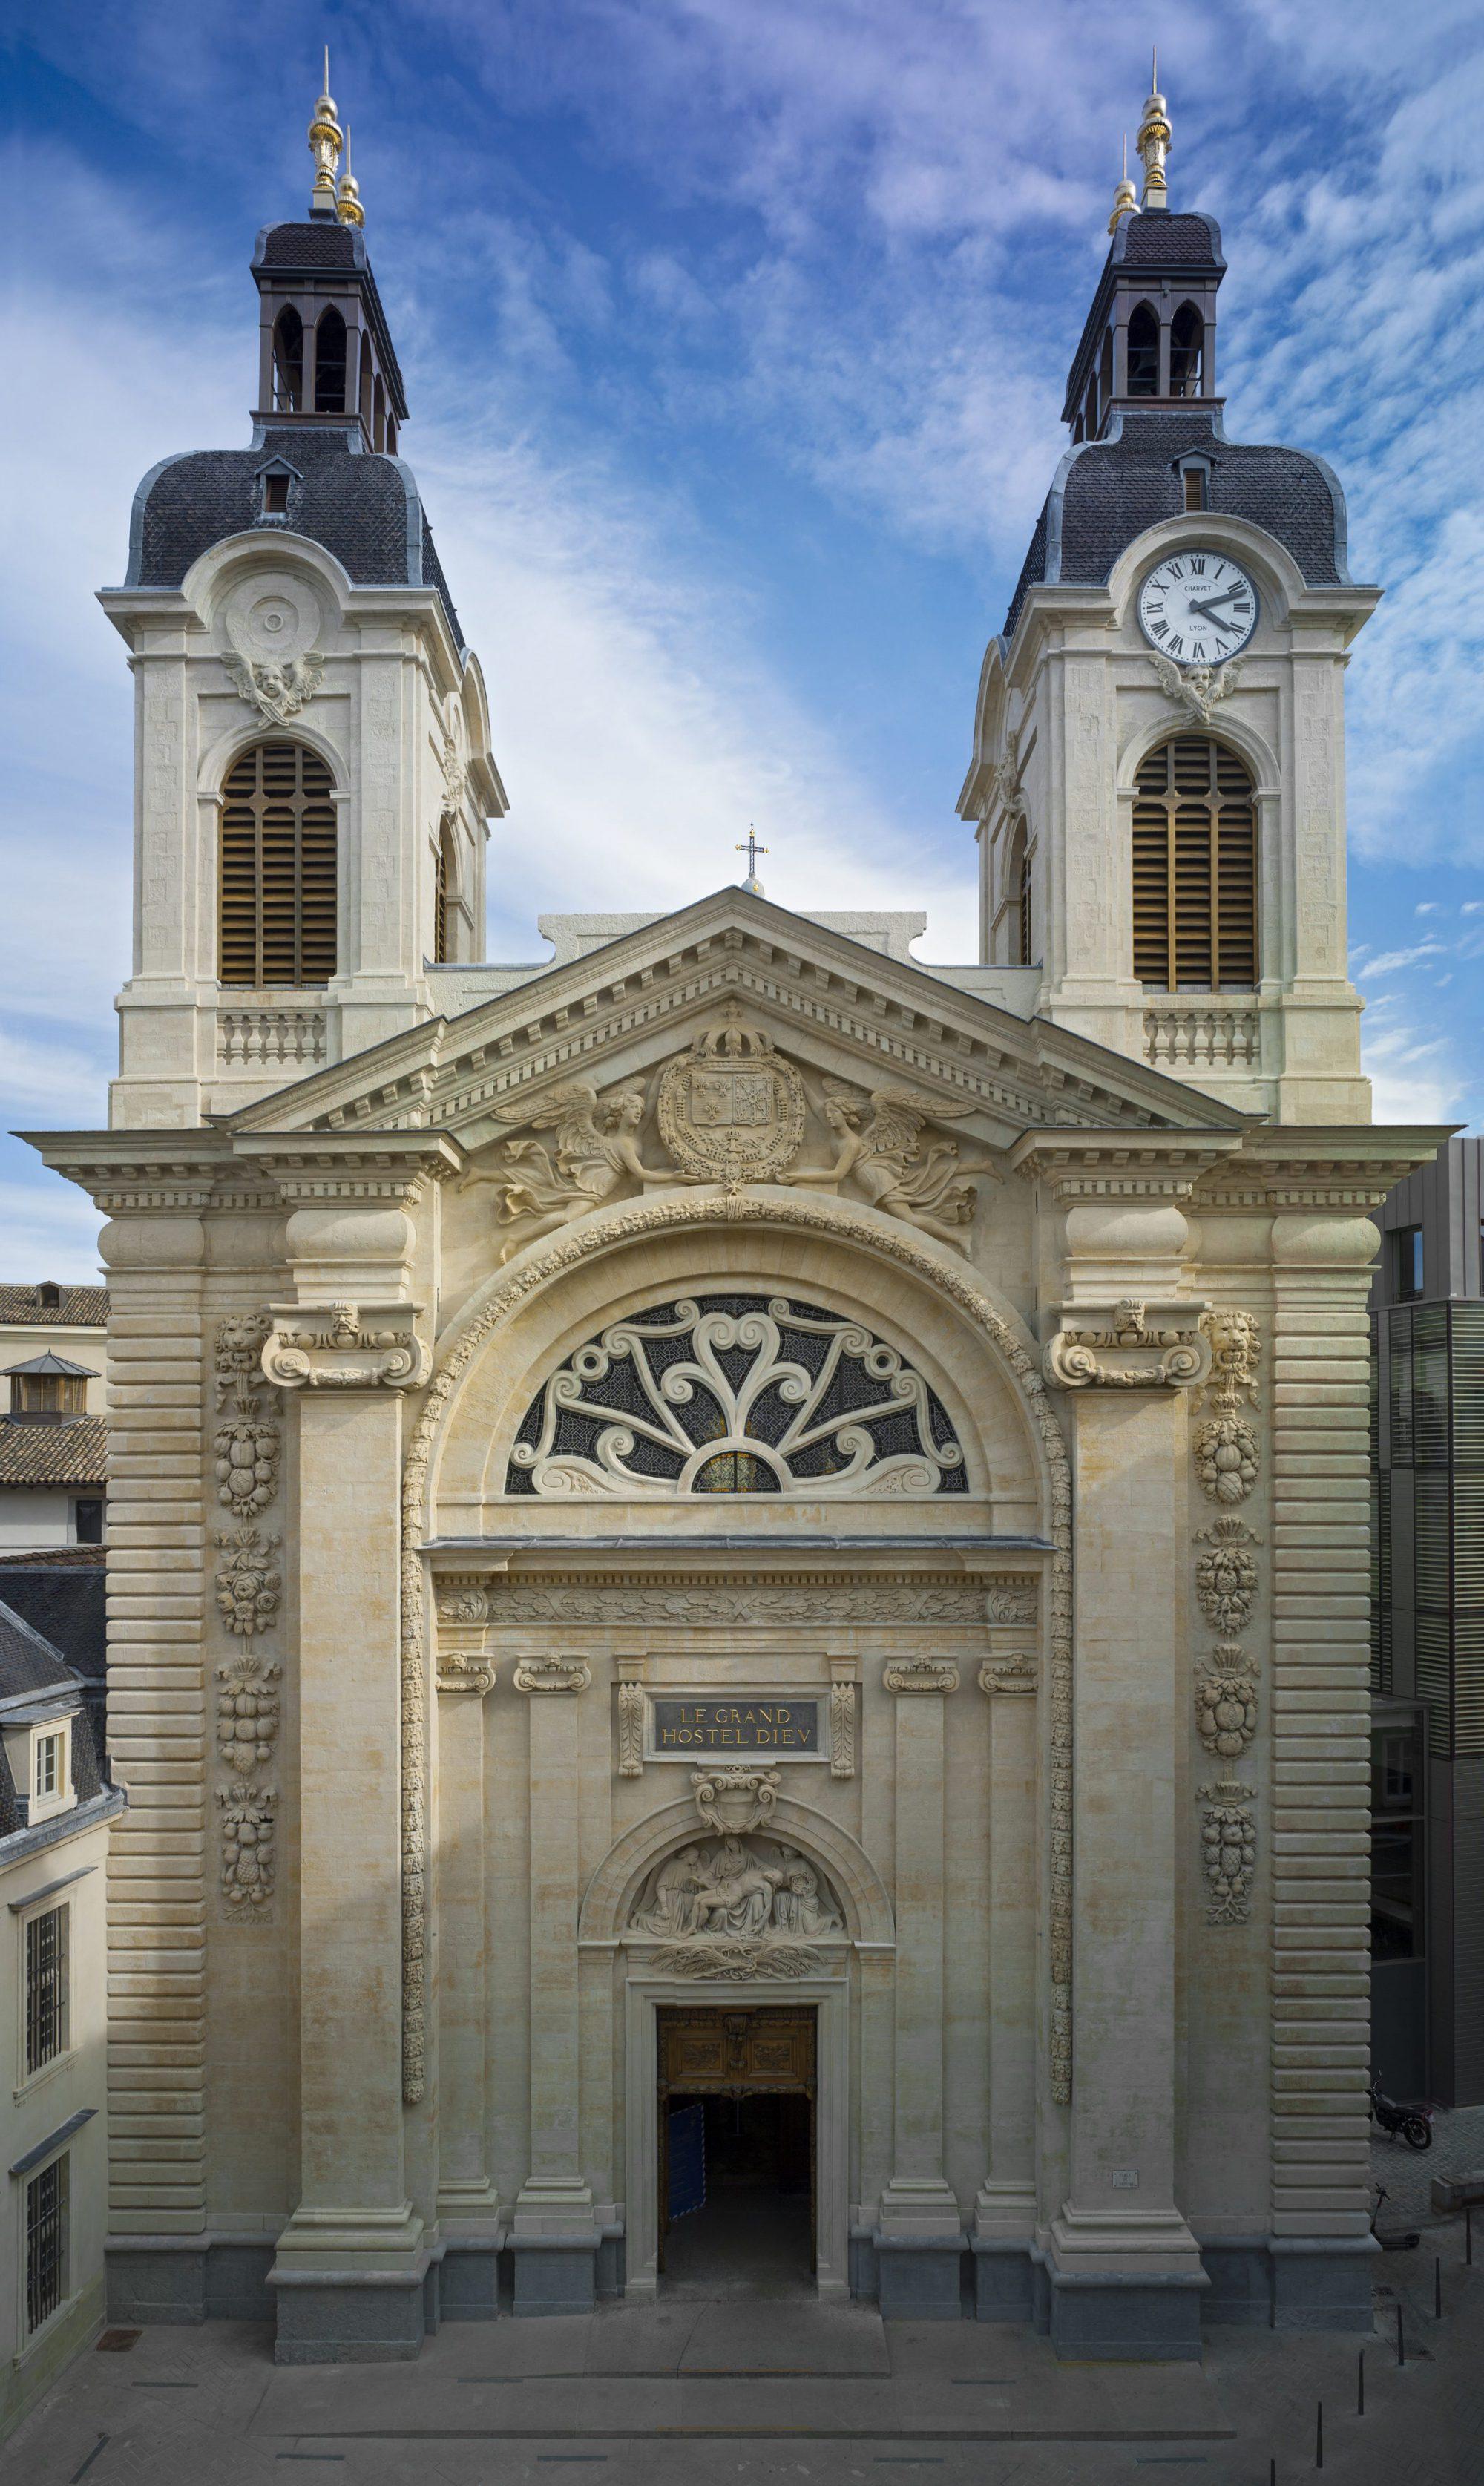 Chapelle de l'Hôtel-Dieu de Lyon : restauration de la façade